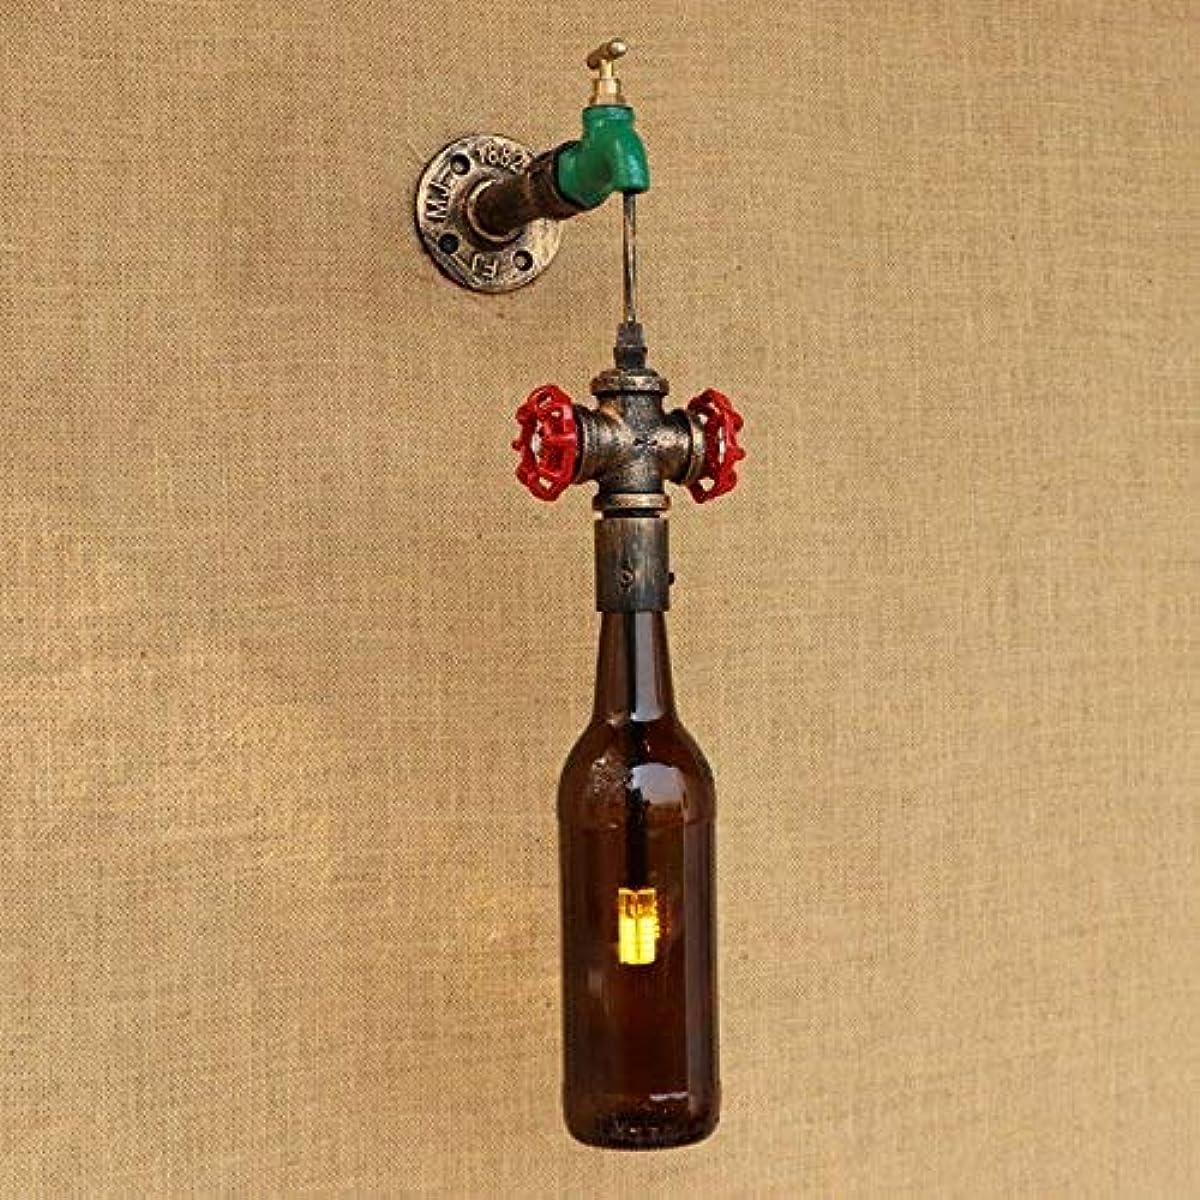 アミューズメントスポーツクール壁面ライト, デザインロフト水道管g4電球壁取り付け用燭台ウォールランプボトルランプシェード用リビングルーム寝室レストランバー220ボルト AI LI WEI